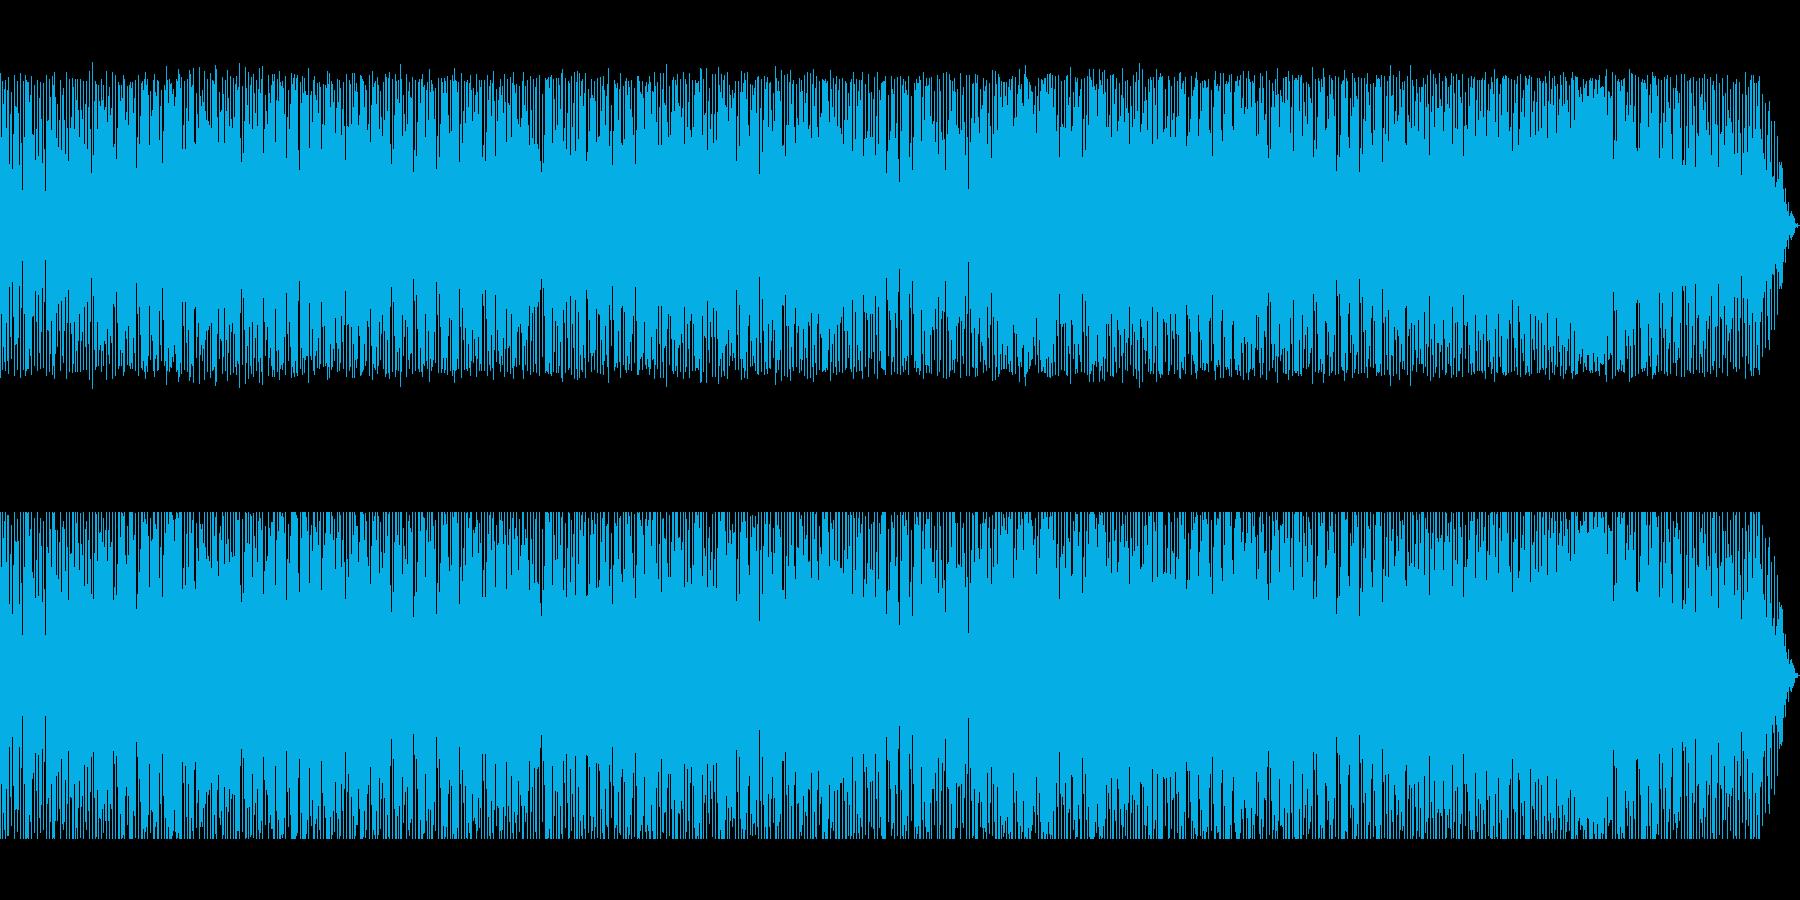 虚無僧の尺八をイメージしたヒップホップの再生済みの波形